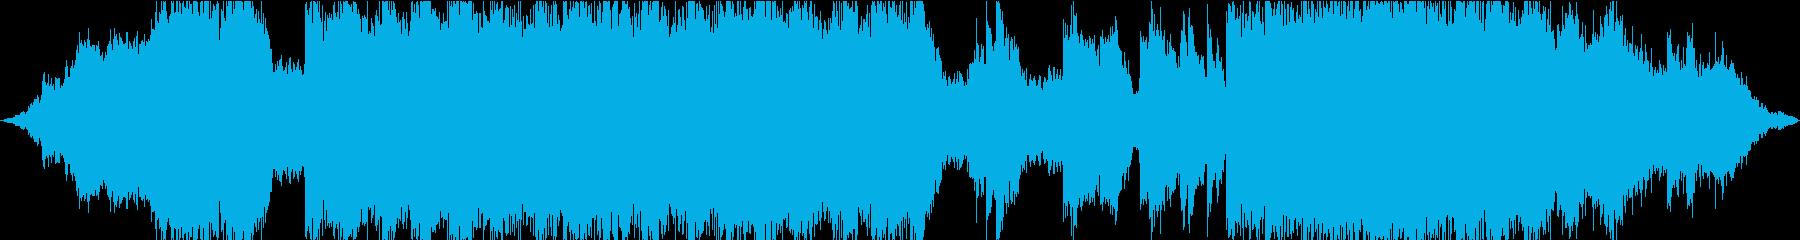 空間的ビートレスなチル・シンセウェーブの再生済みの波形